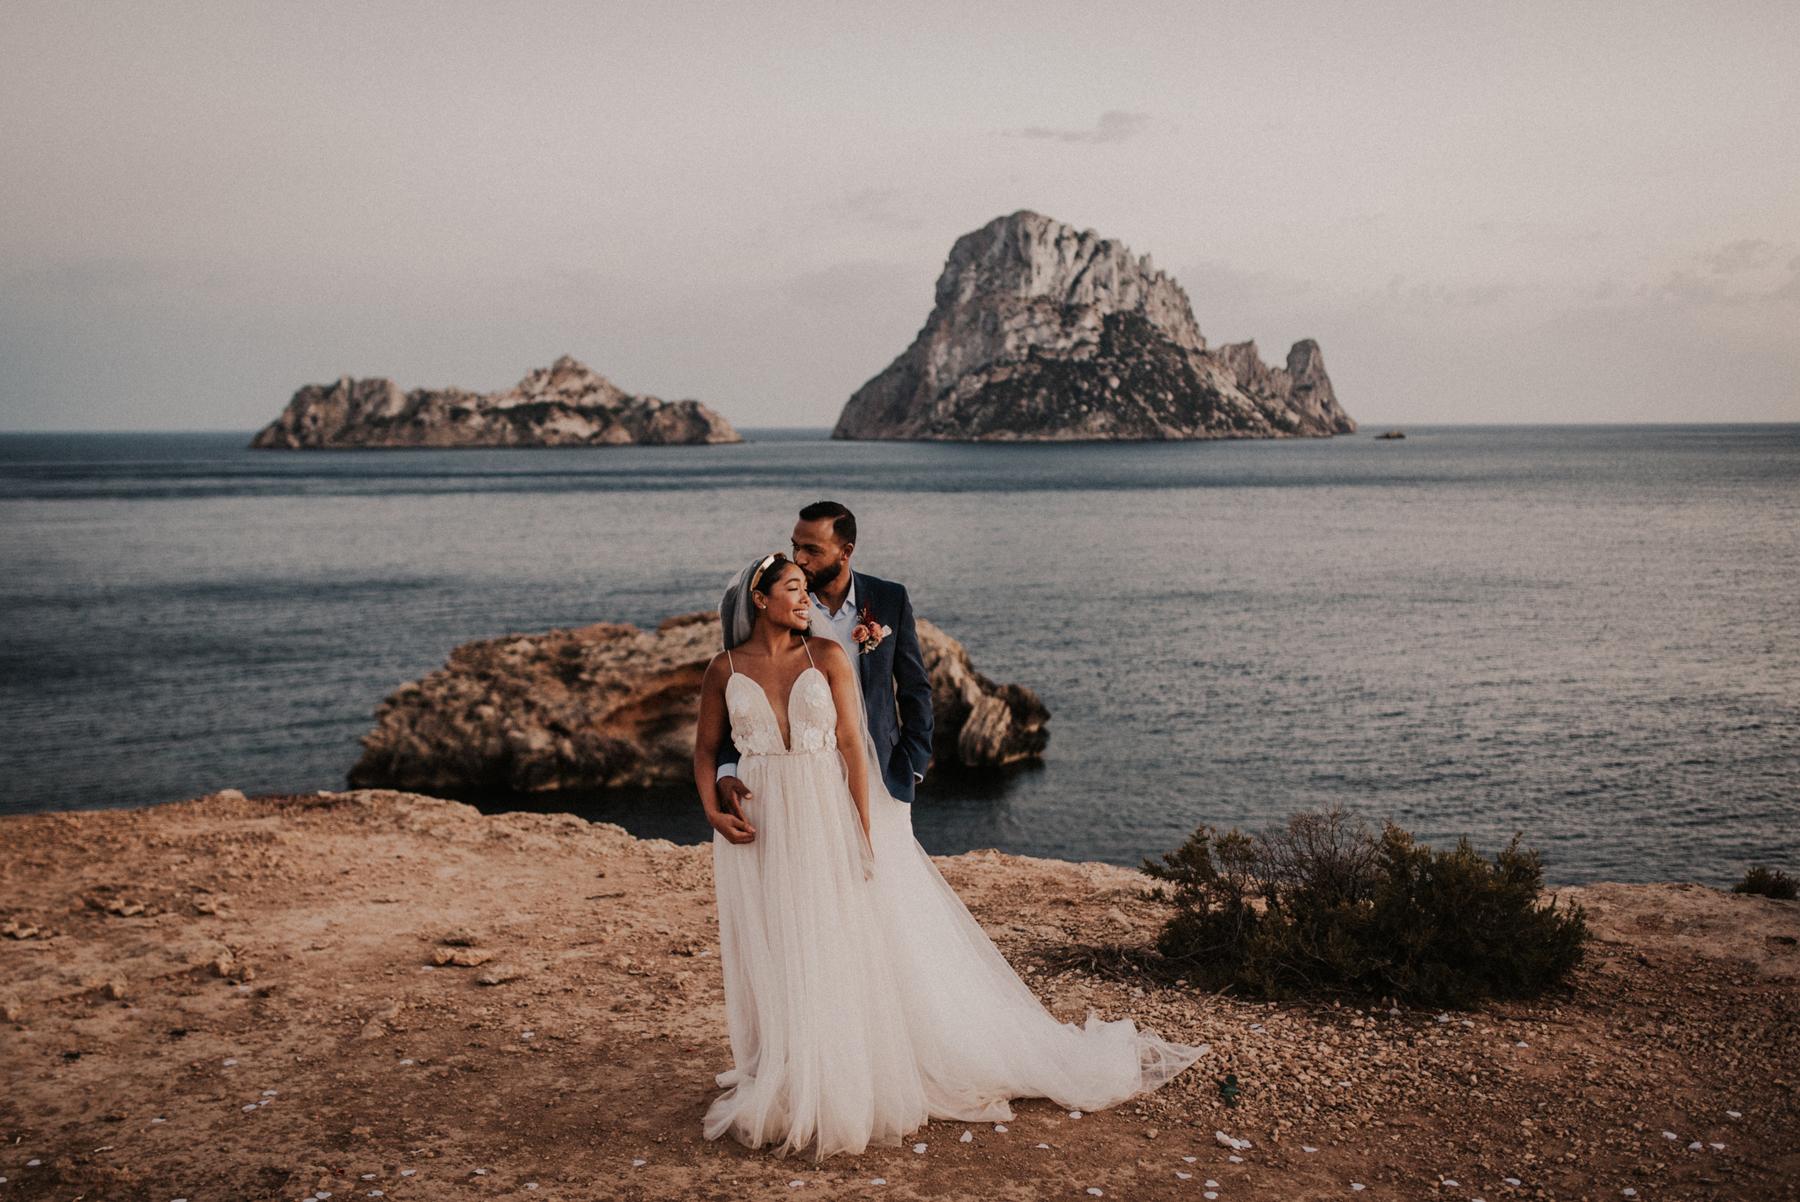 couple poses next to island ceremony location